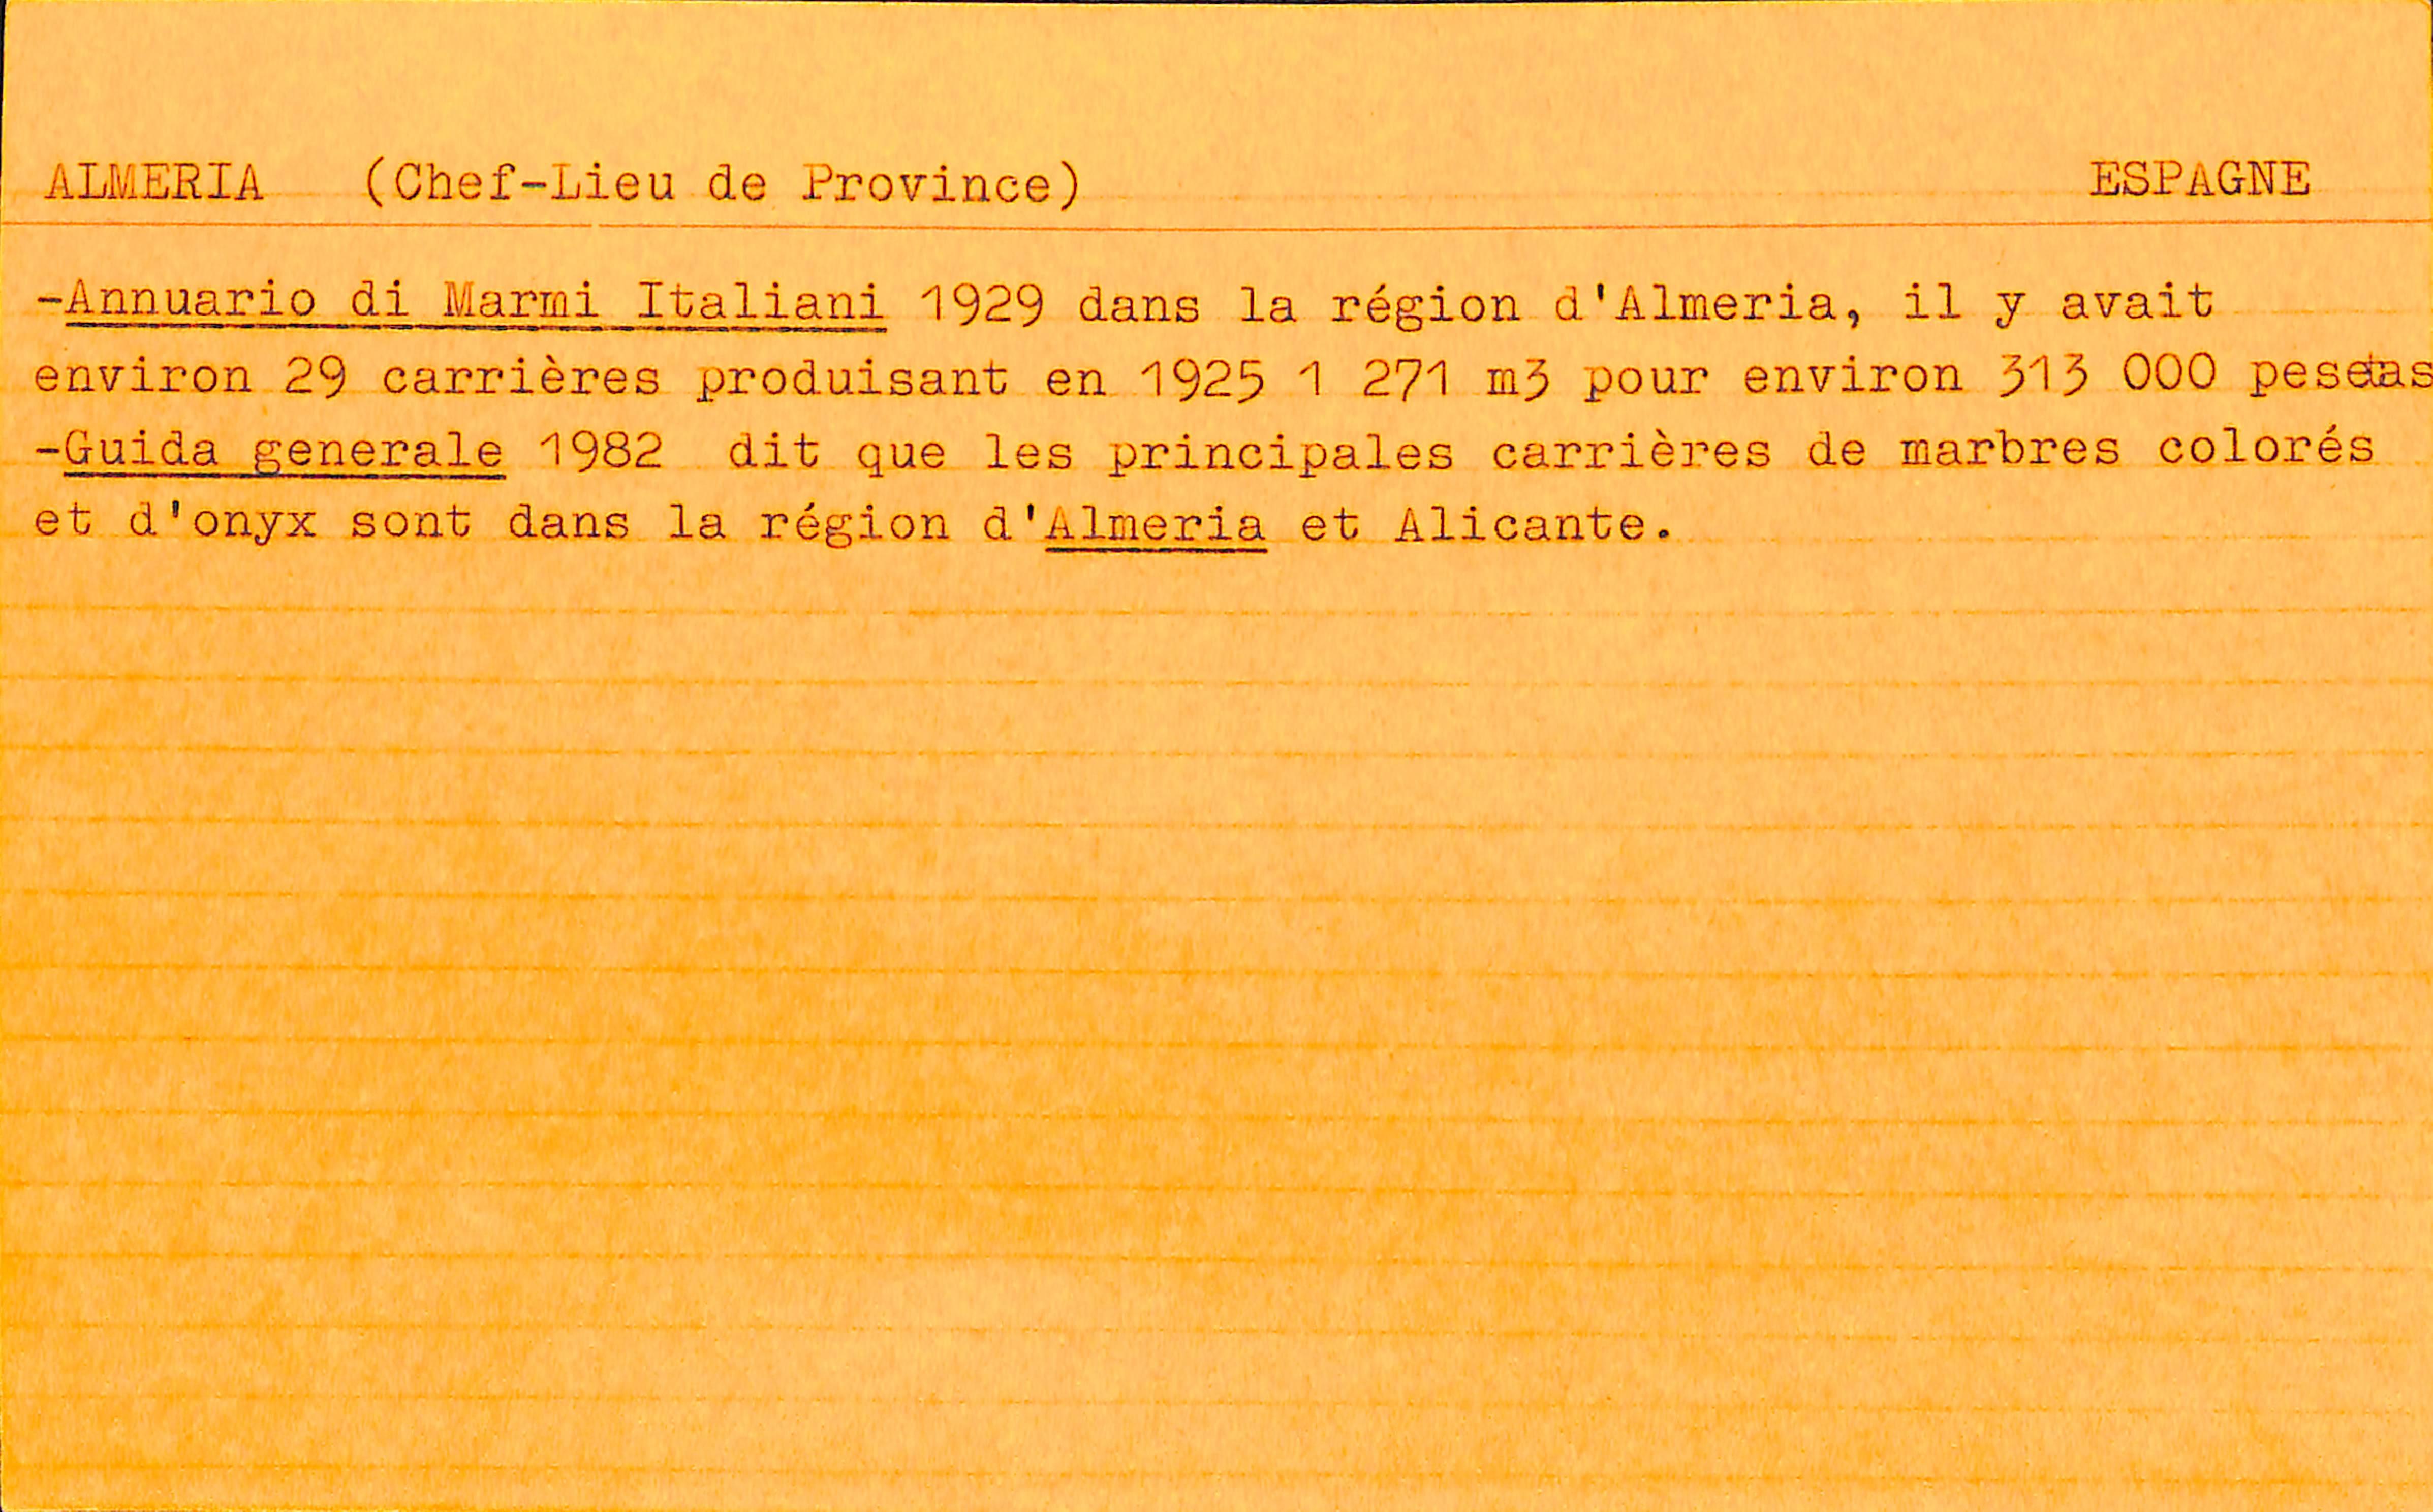 ALMERIA chef-lieu province.jpg